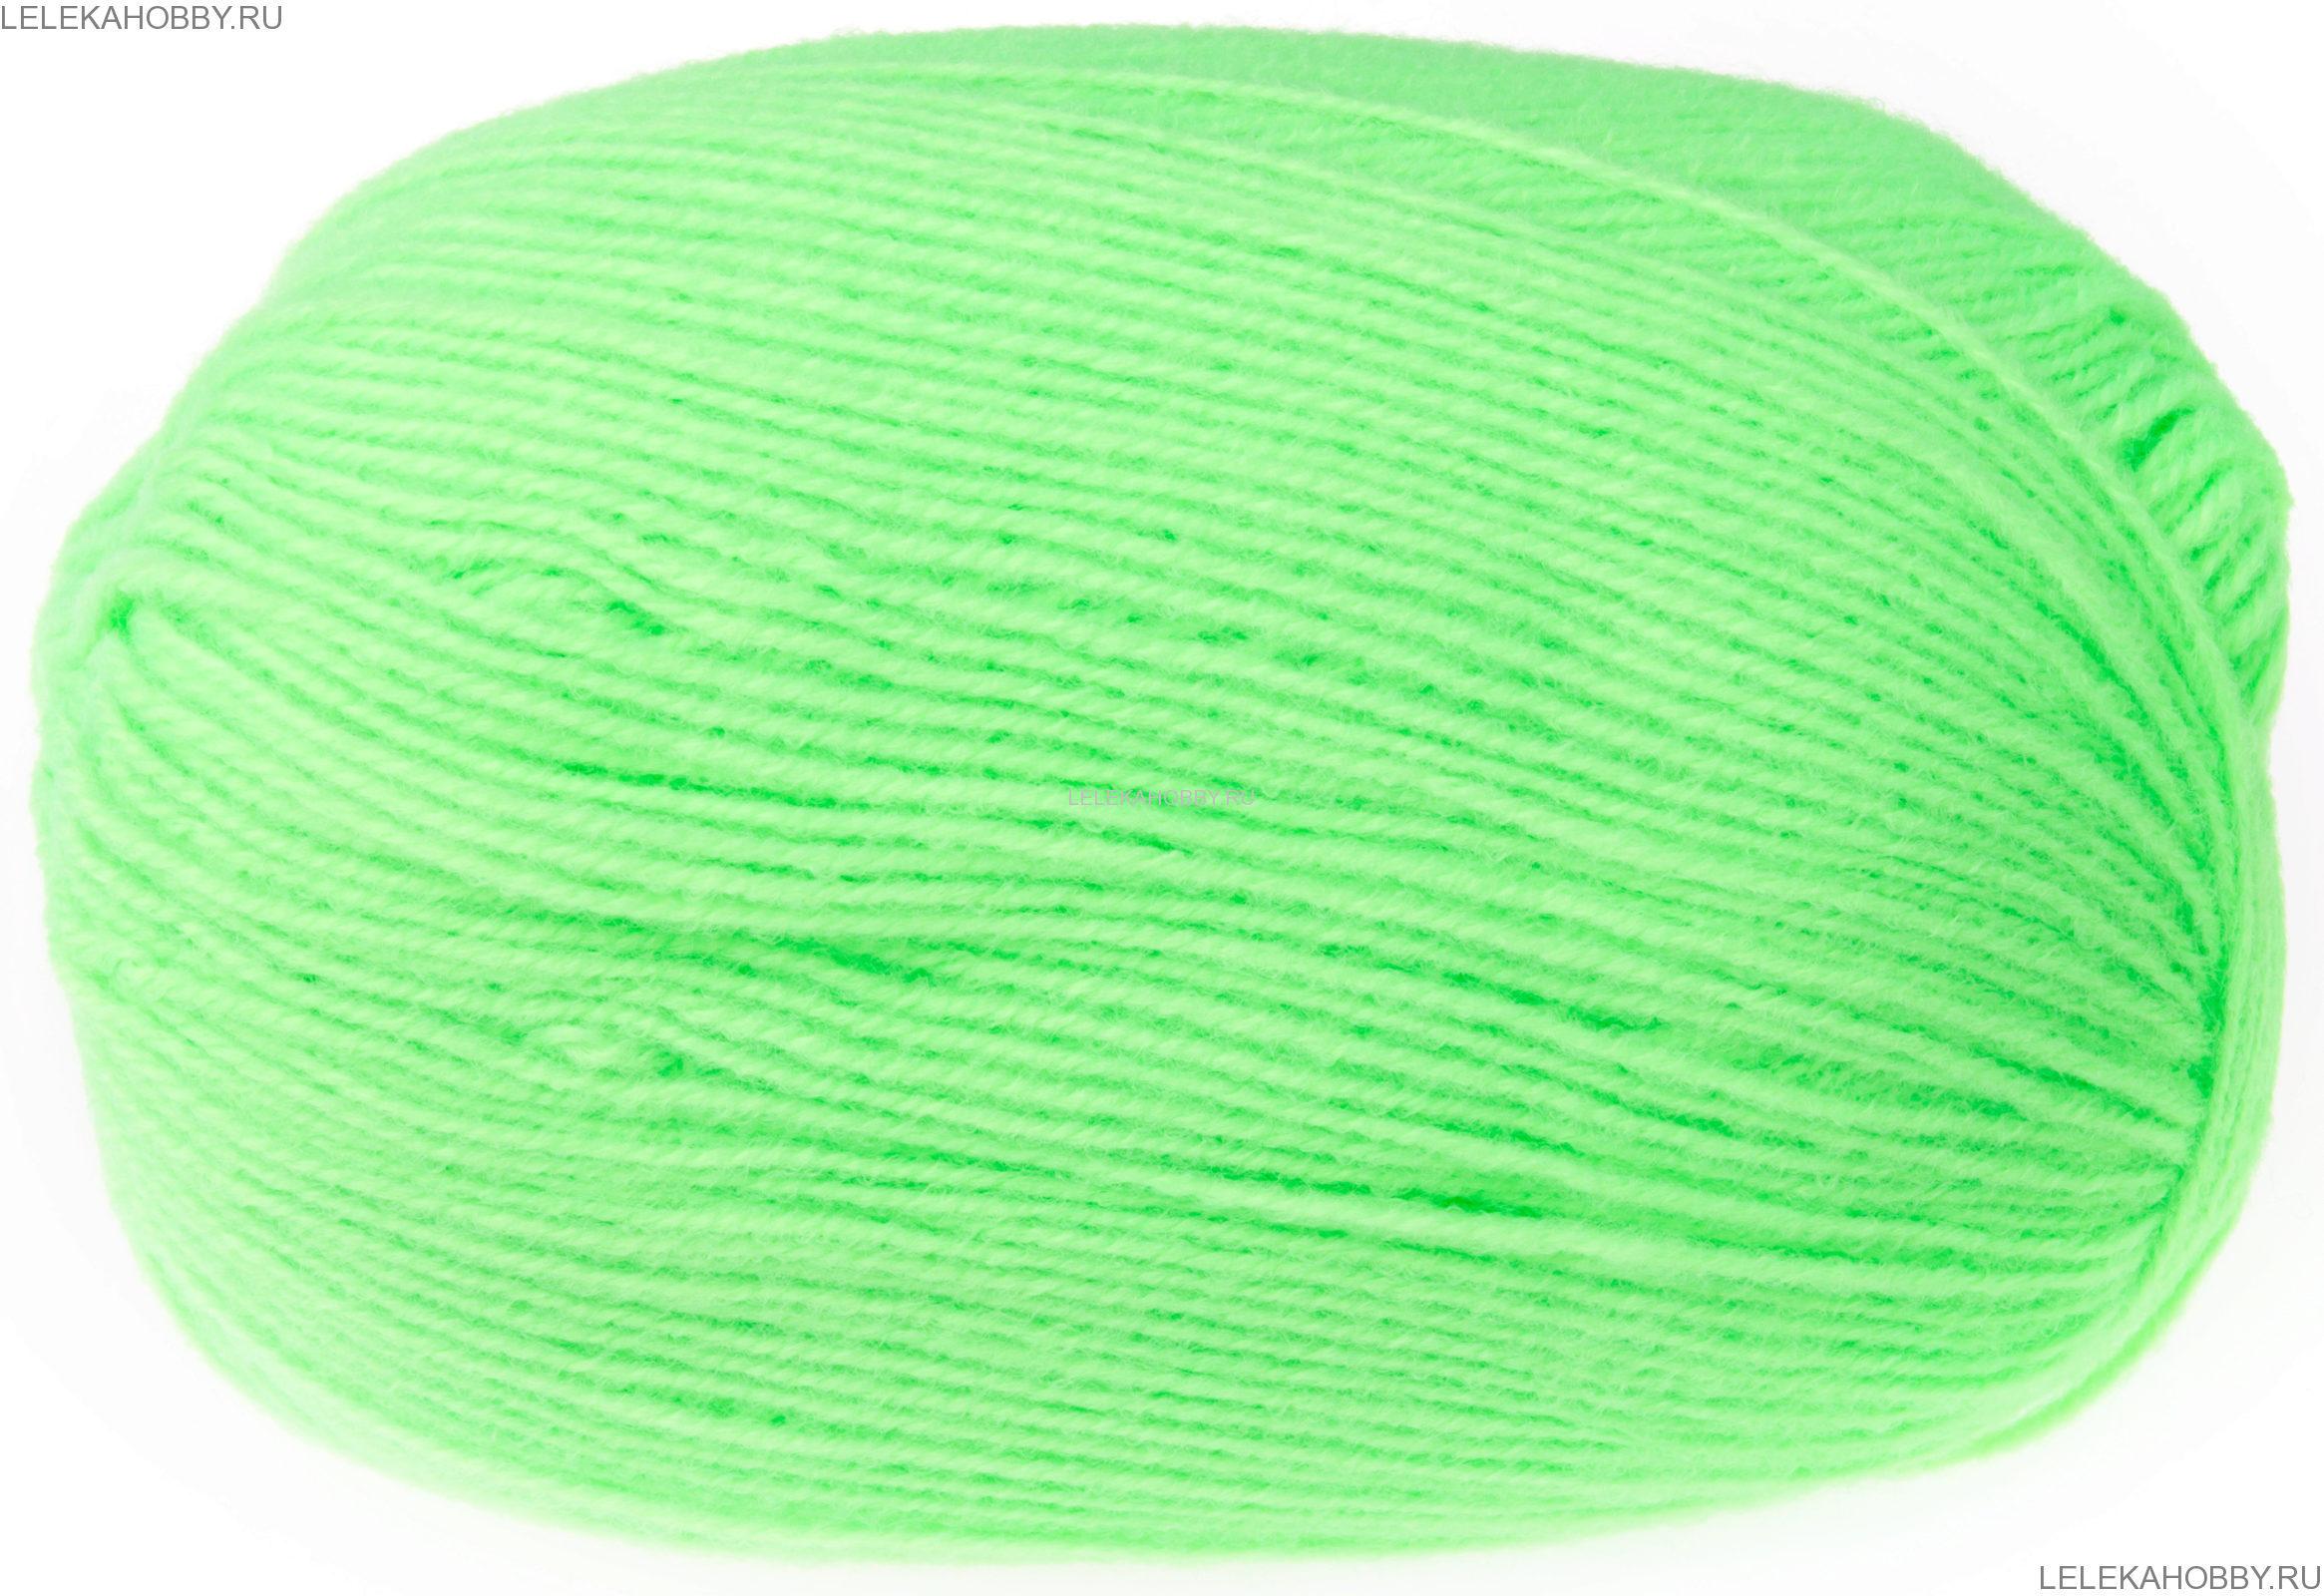 образец вязания детской кофты из травки лотос